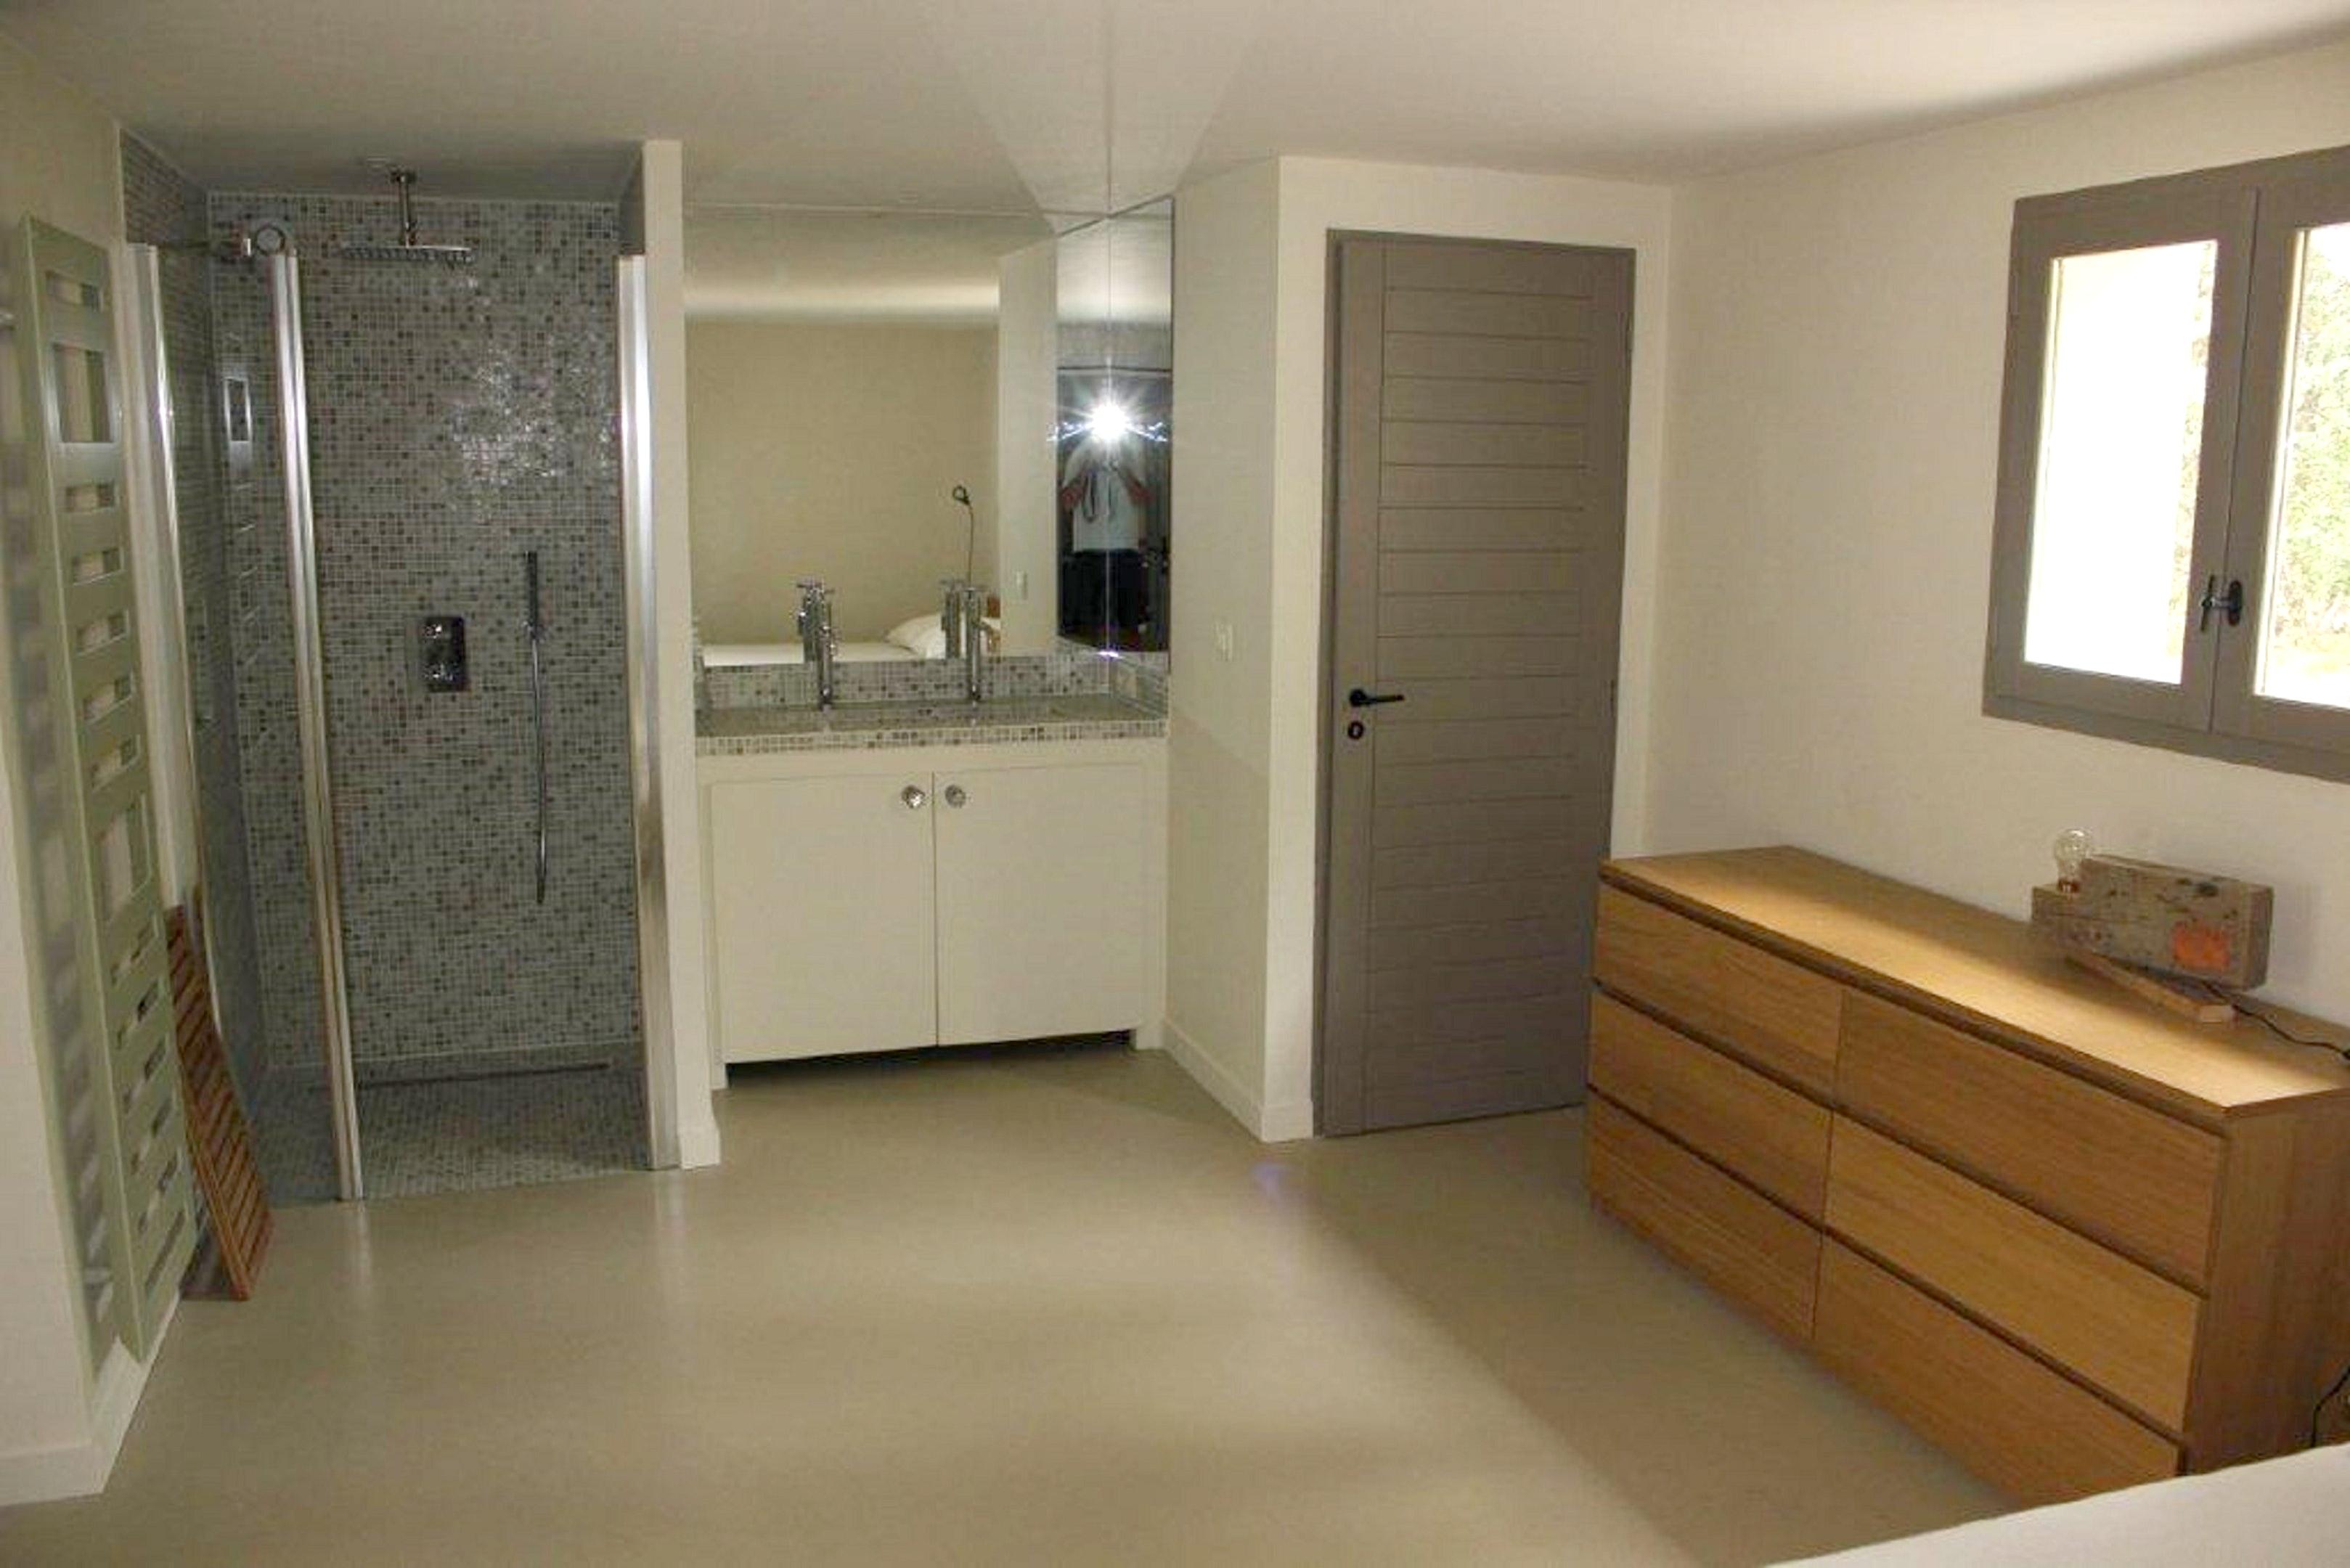 Maison de vacances Villa mit 5 Schlafzimmern in L'Isle-sur-la-Sorgue mit privatem Pool, eingezäuntem Garten u (2202725), L'Isle sur la Sorgue, Vaucluse, Provence - Alpes - Côte d'Azur, France, image 11